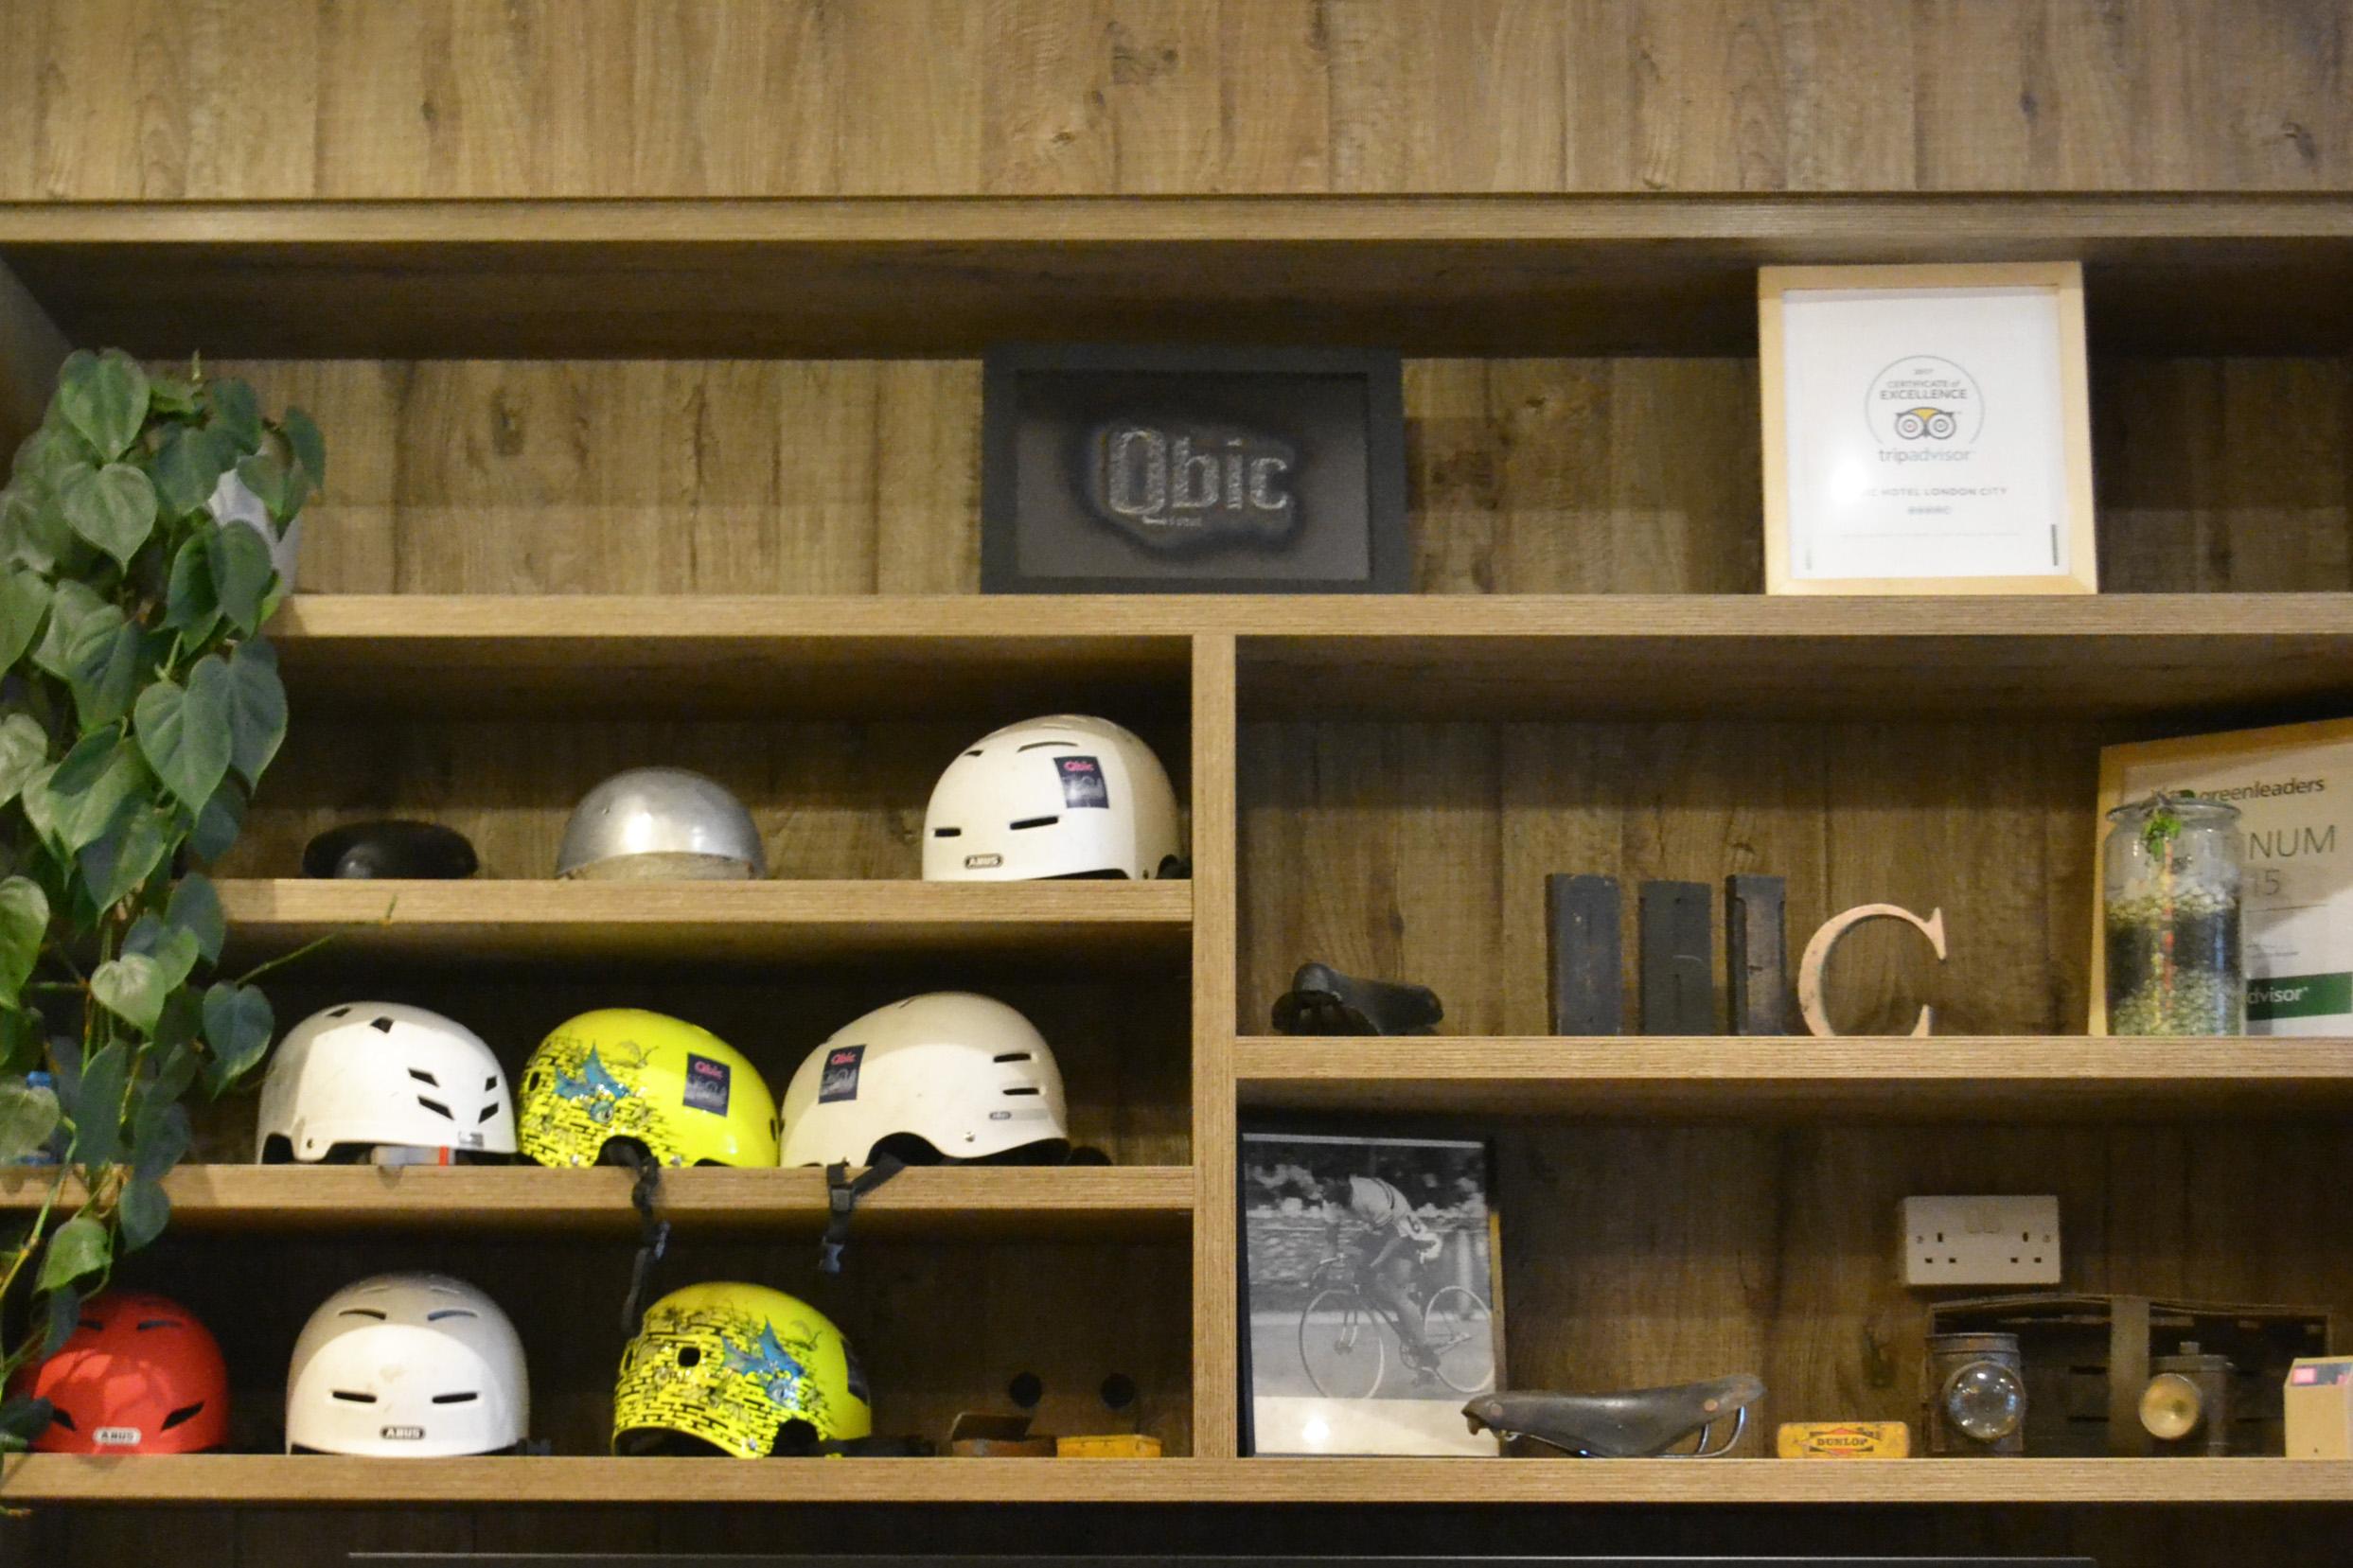 qbic-cycling-helmets.JPG